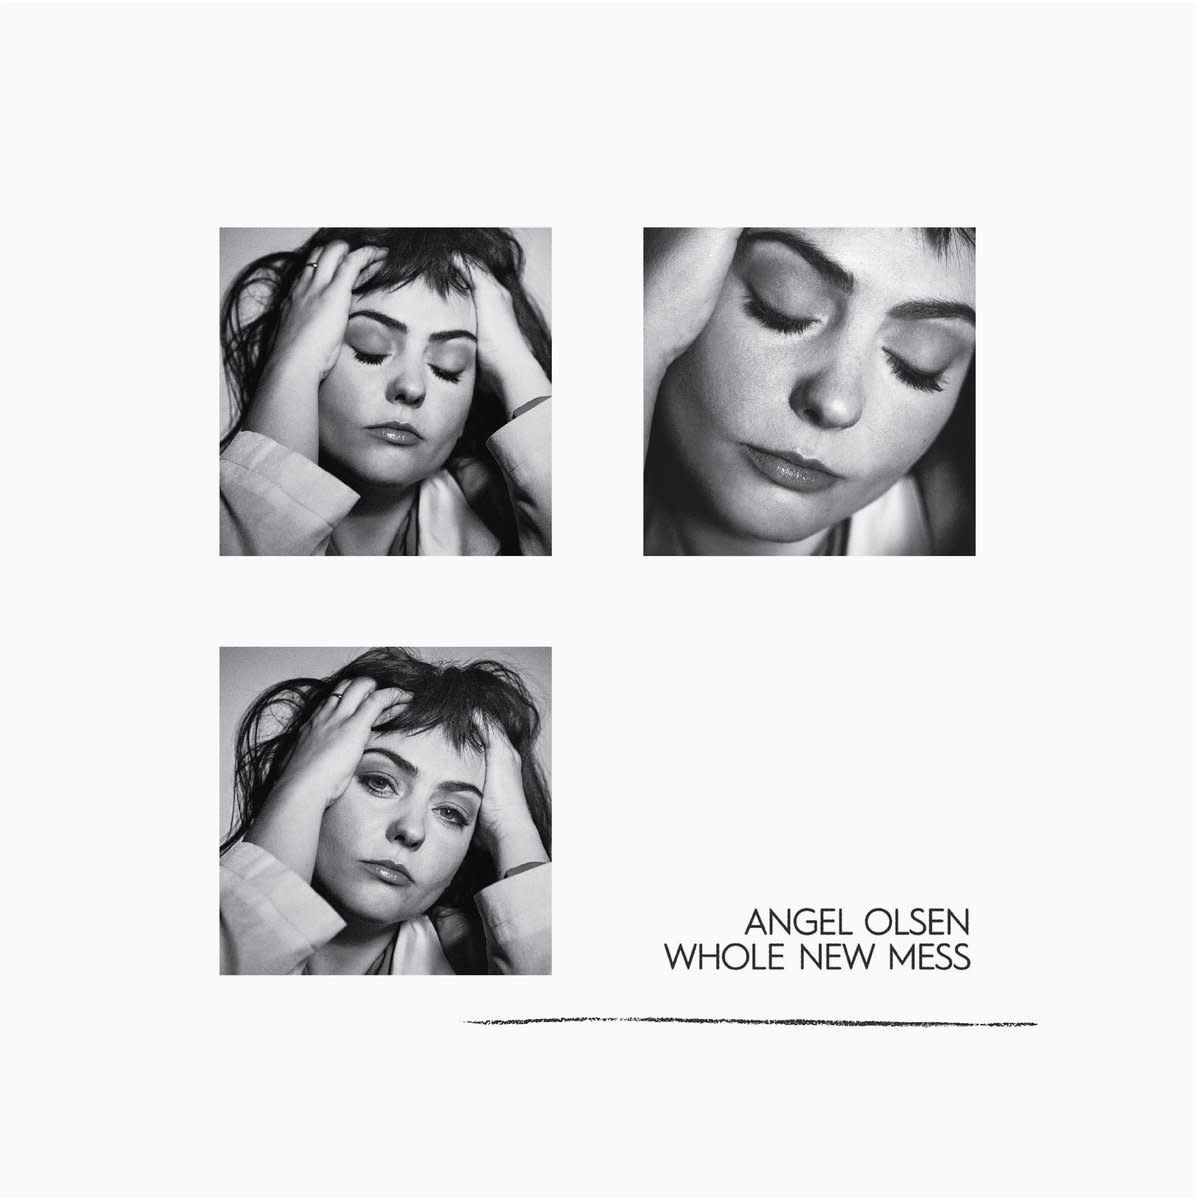 Angel Olsen • Whole New Mess (Édition couleur limitée)-1